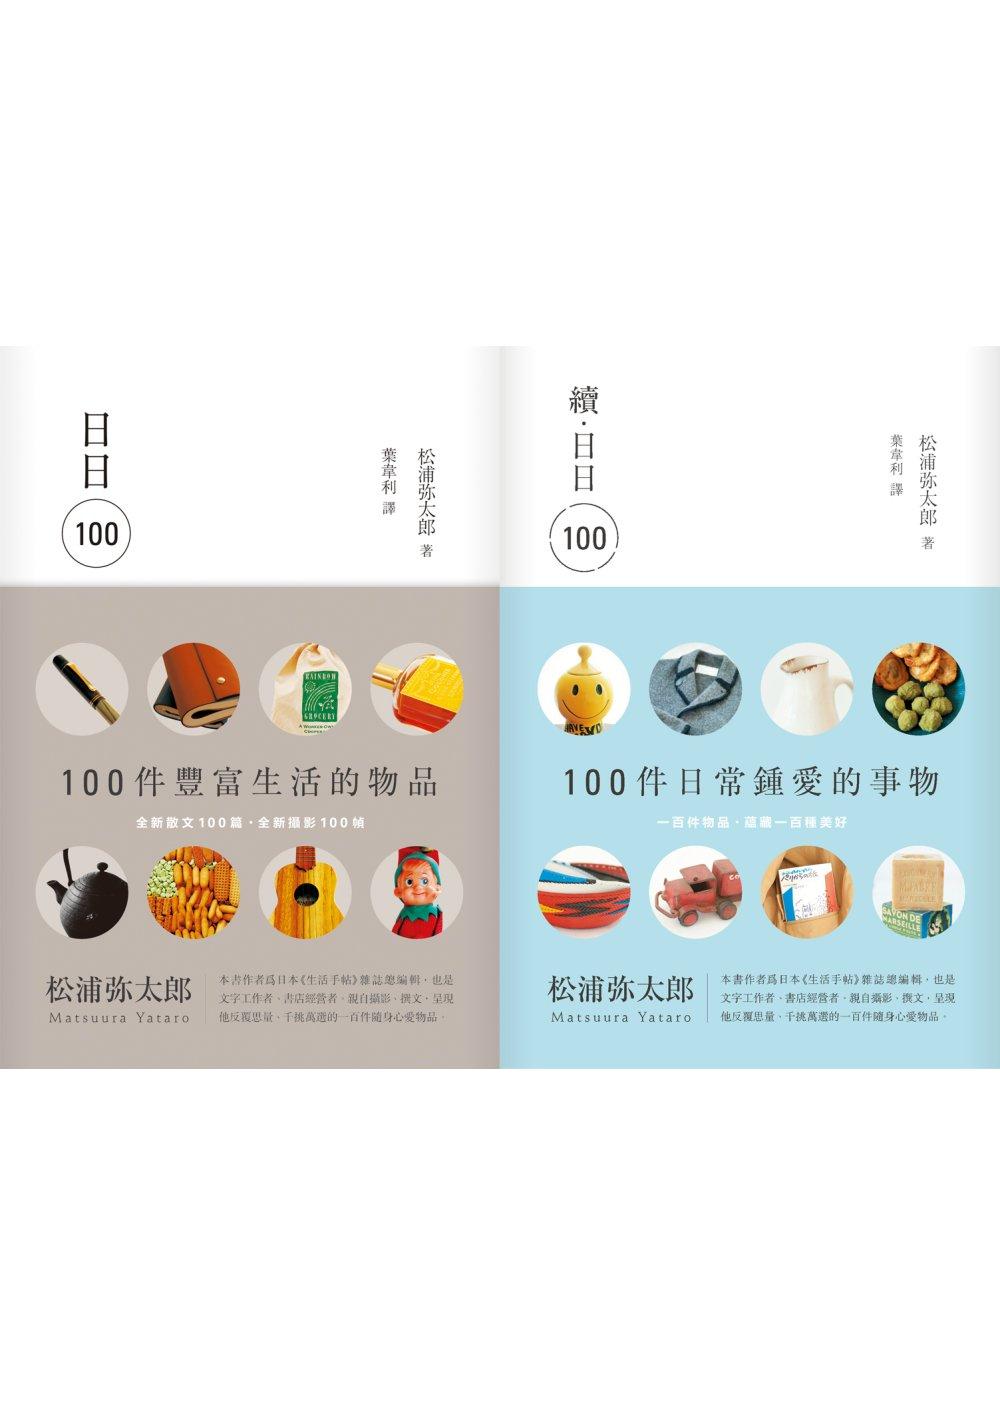 松浦彌太郎:日日100套書(共2冊)